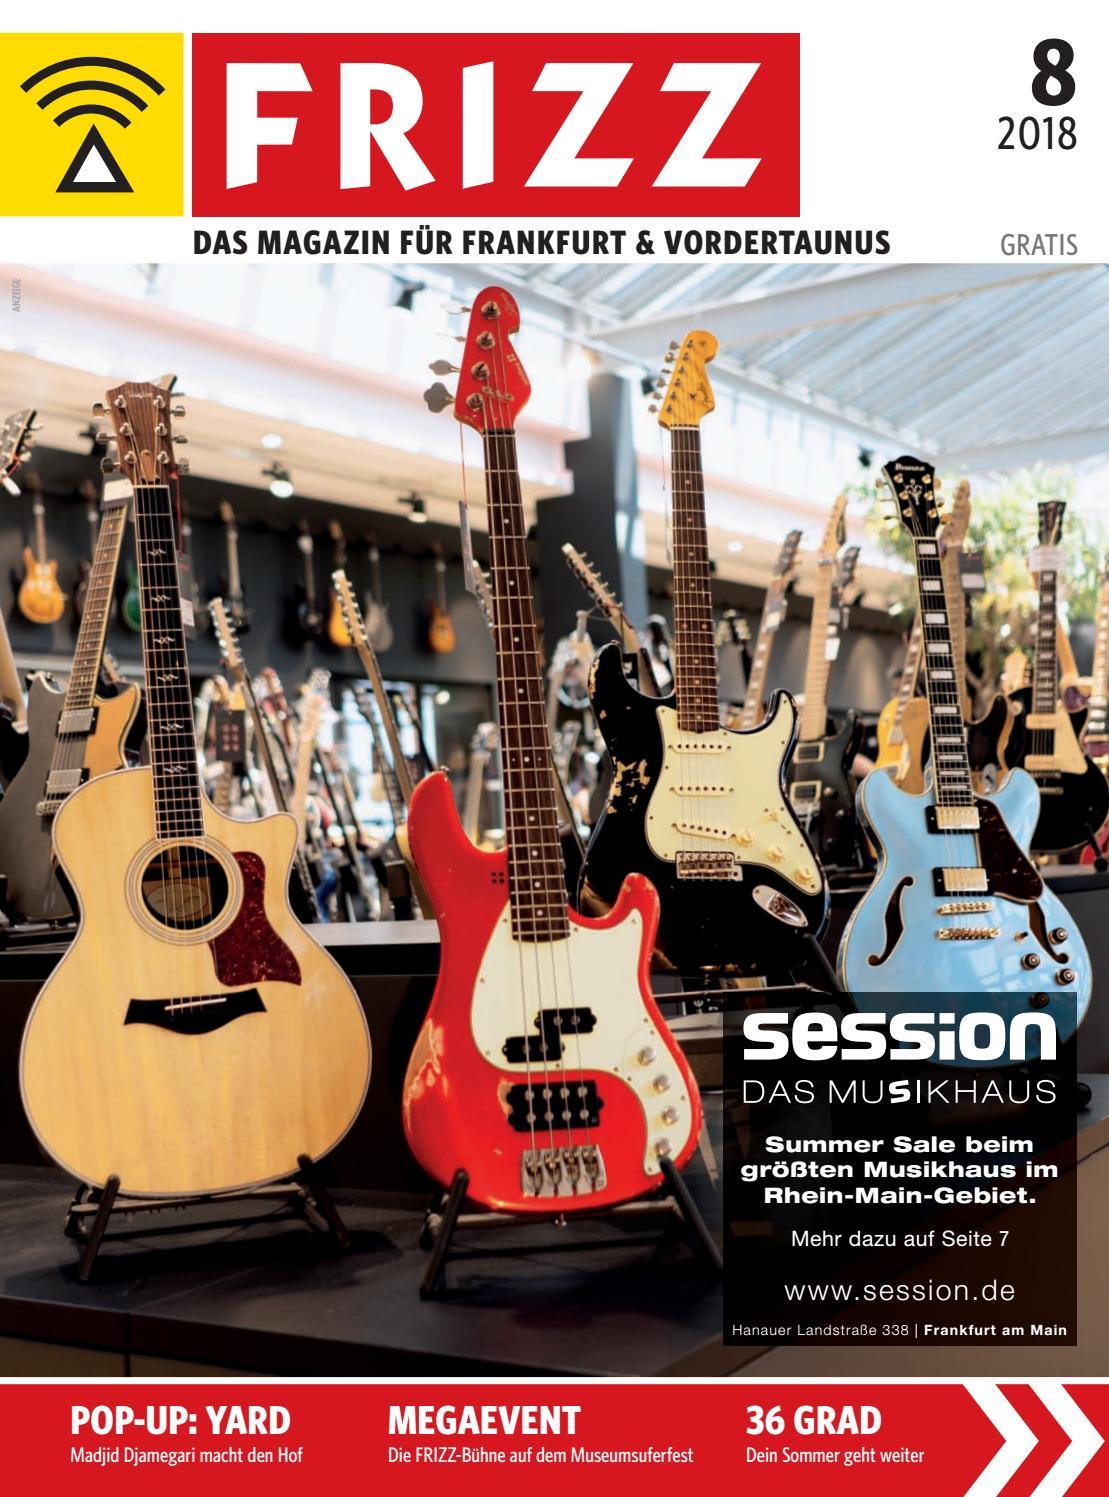 frizz das magazin frankfurt august 2018 by frizz frankfurt issuu  Gnstig Manstore 1000 White Ausgefallene Unterwsche Herren Online P 1914 #13